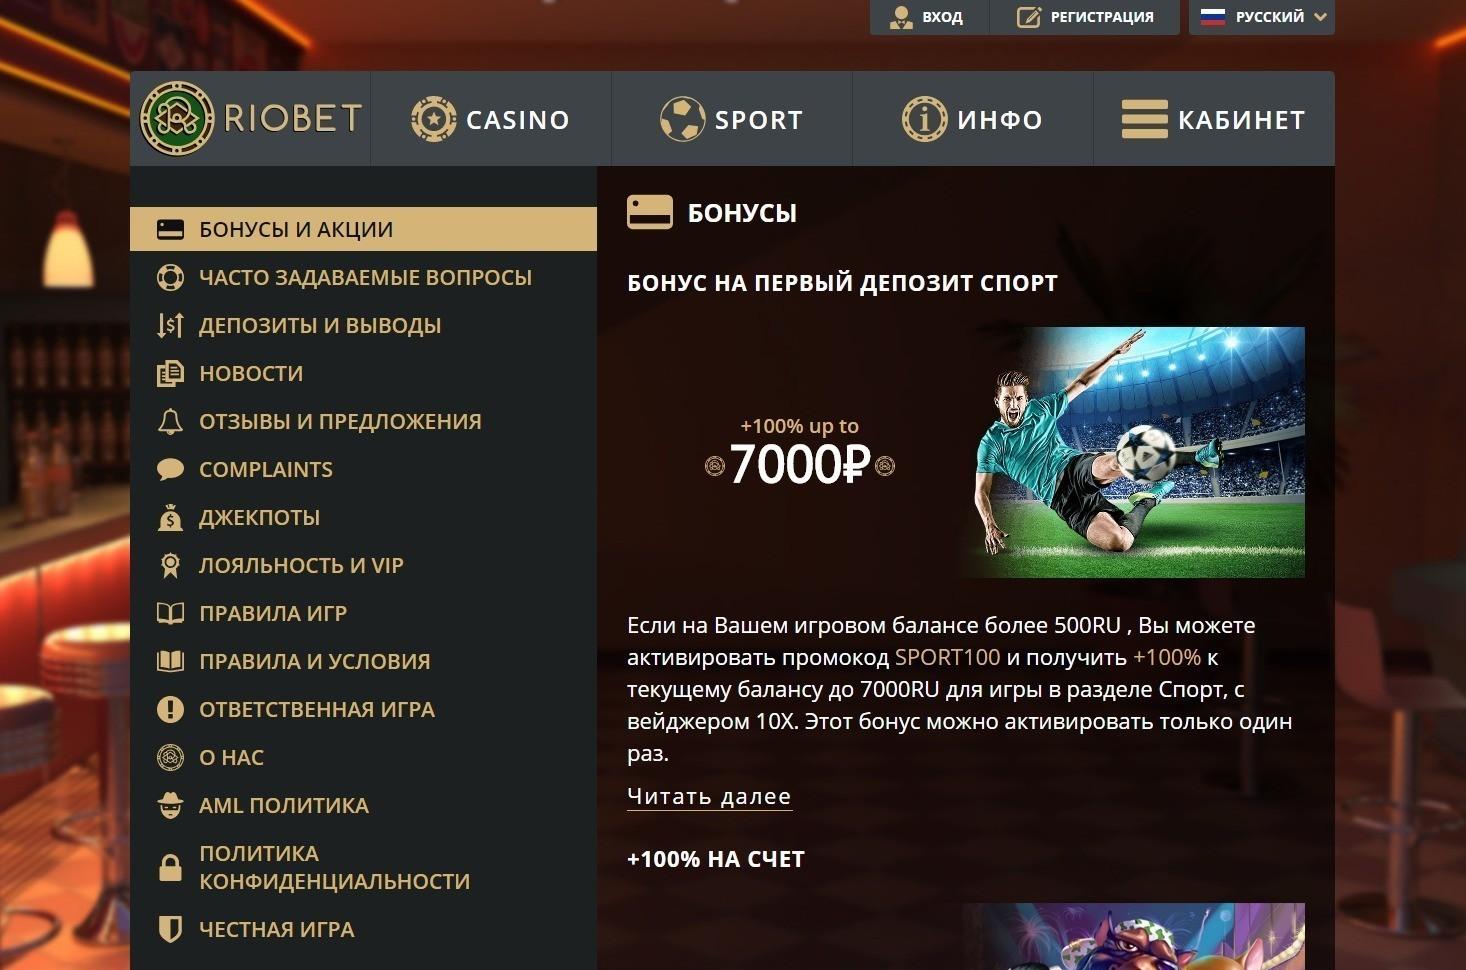 официальный сайт казино риобет отзывы игроков